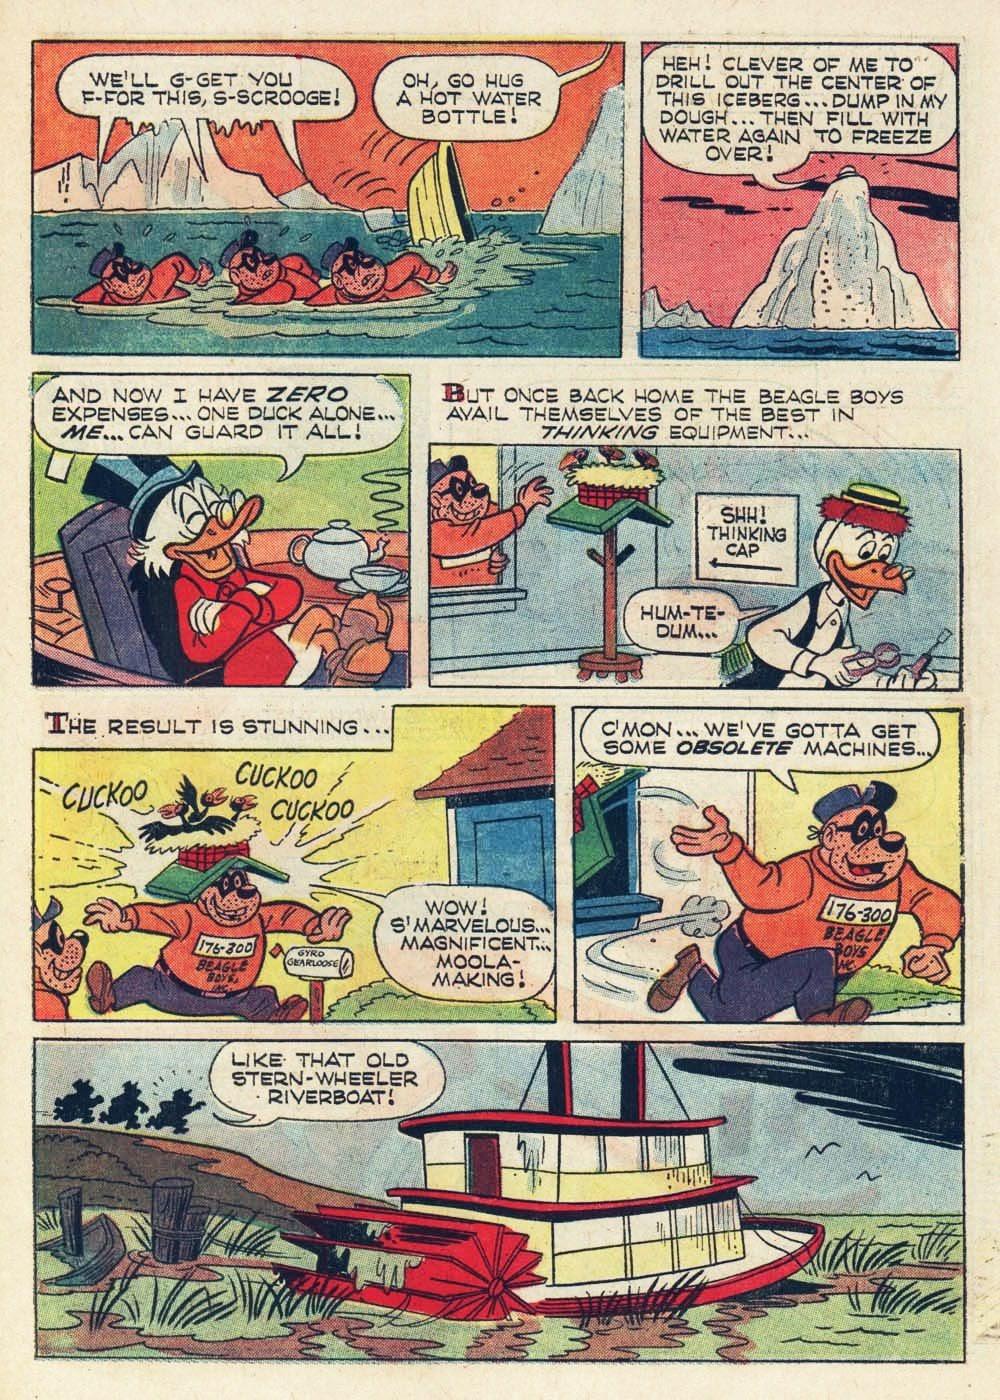 Walt Disney THE BEAGLE BOYS issue 6 - Page 23